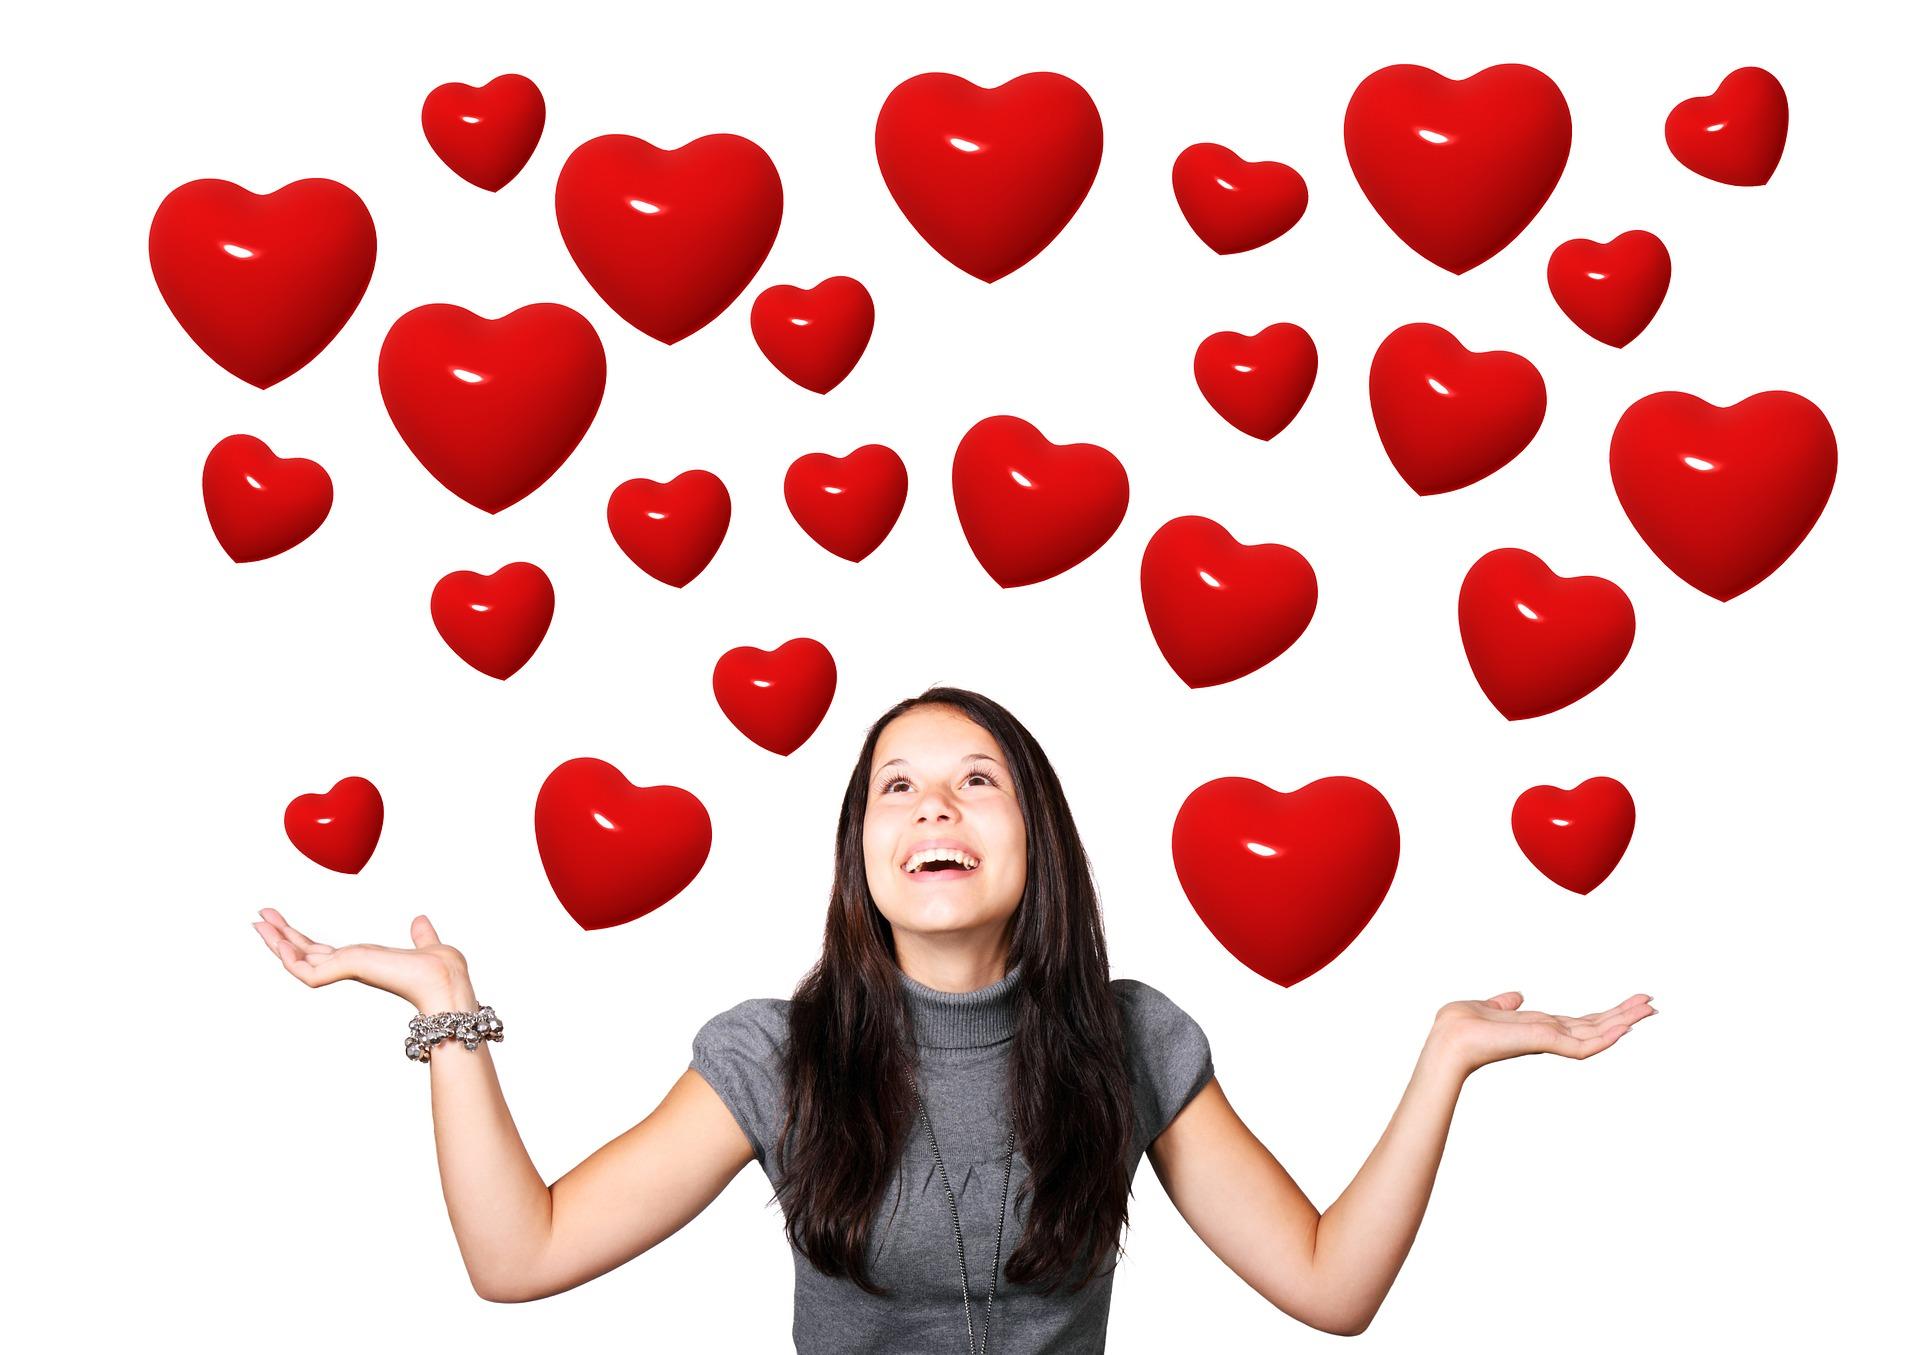 オタク男子と付き合うメリットは?オタク男子の恋愛の特徴と人気の理由!